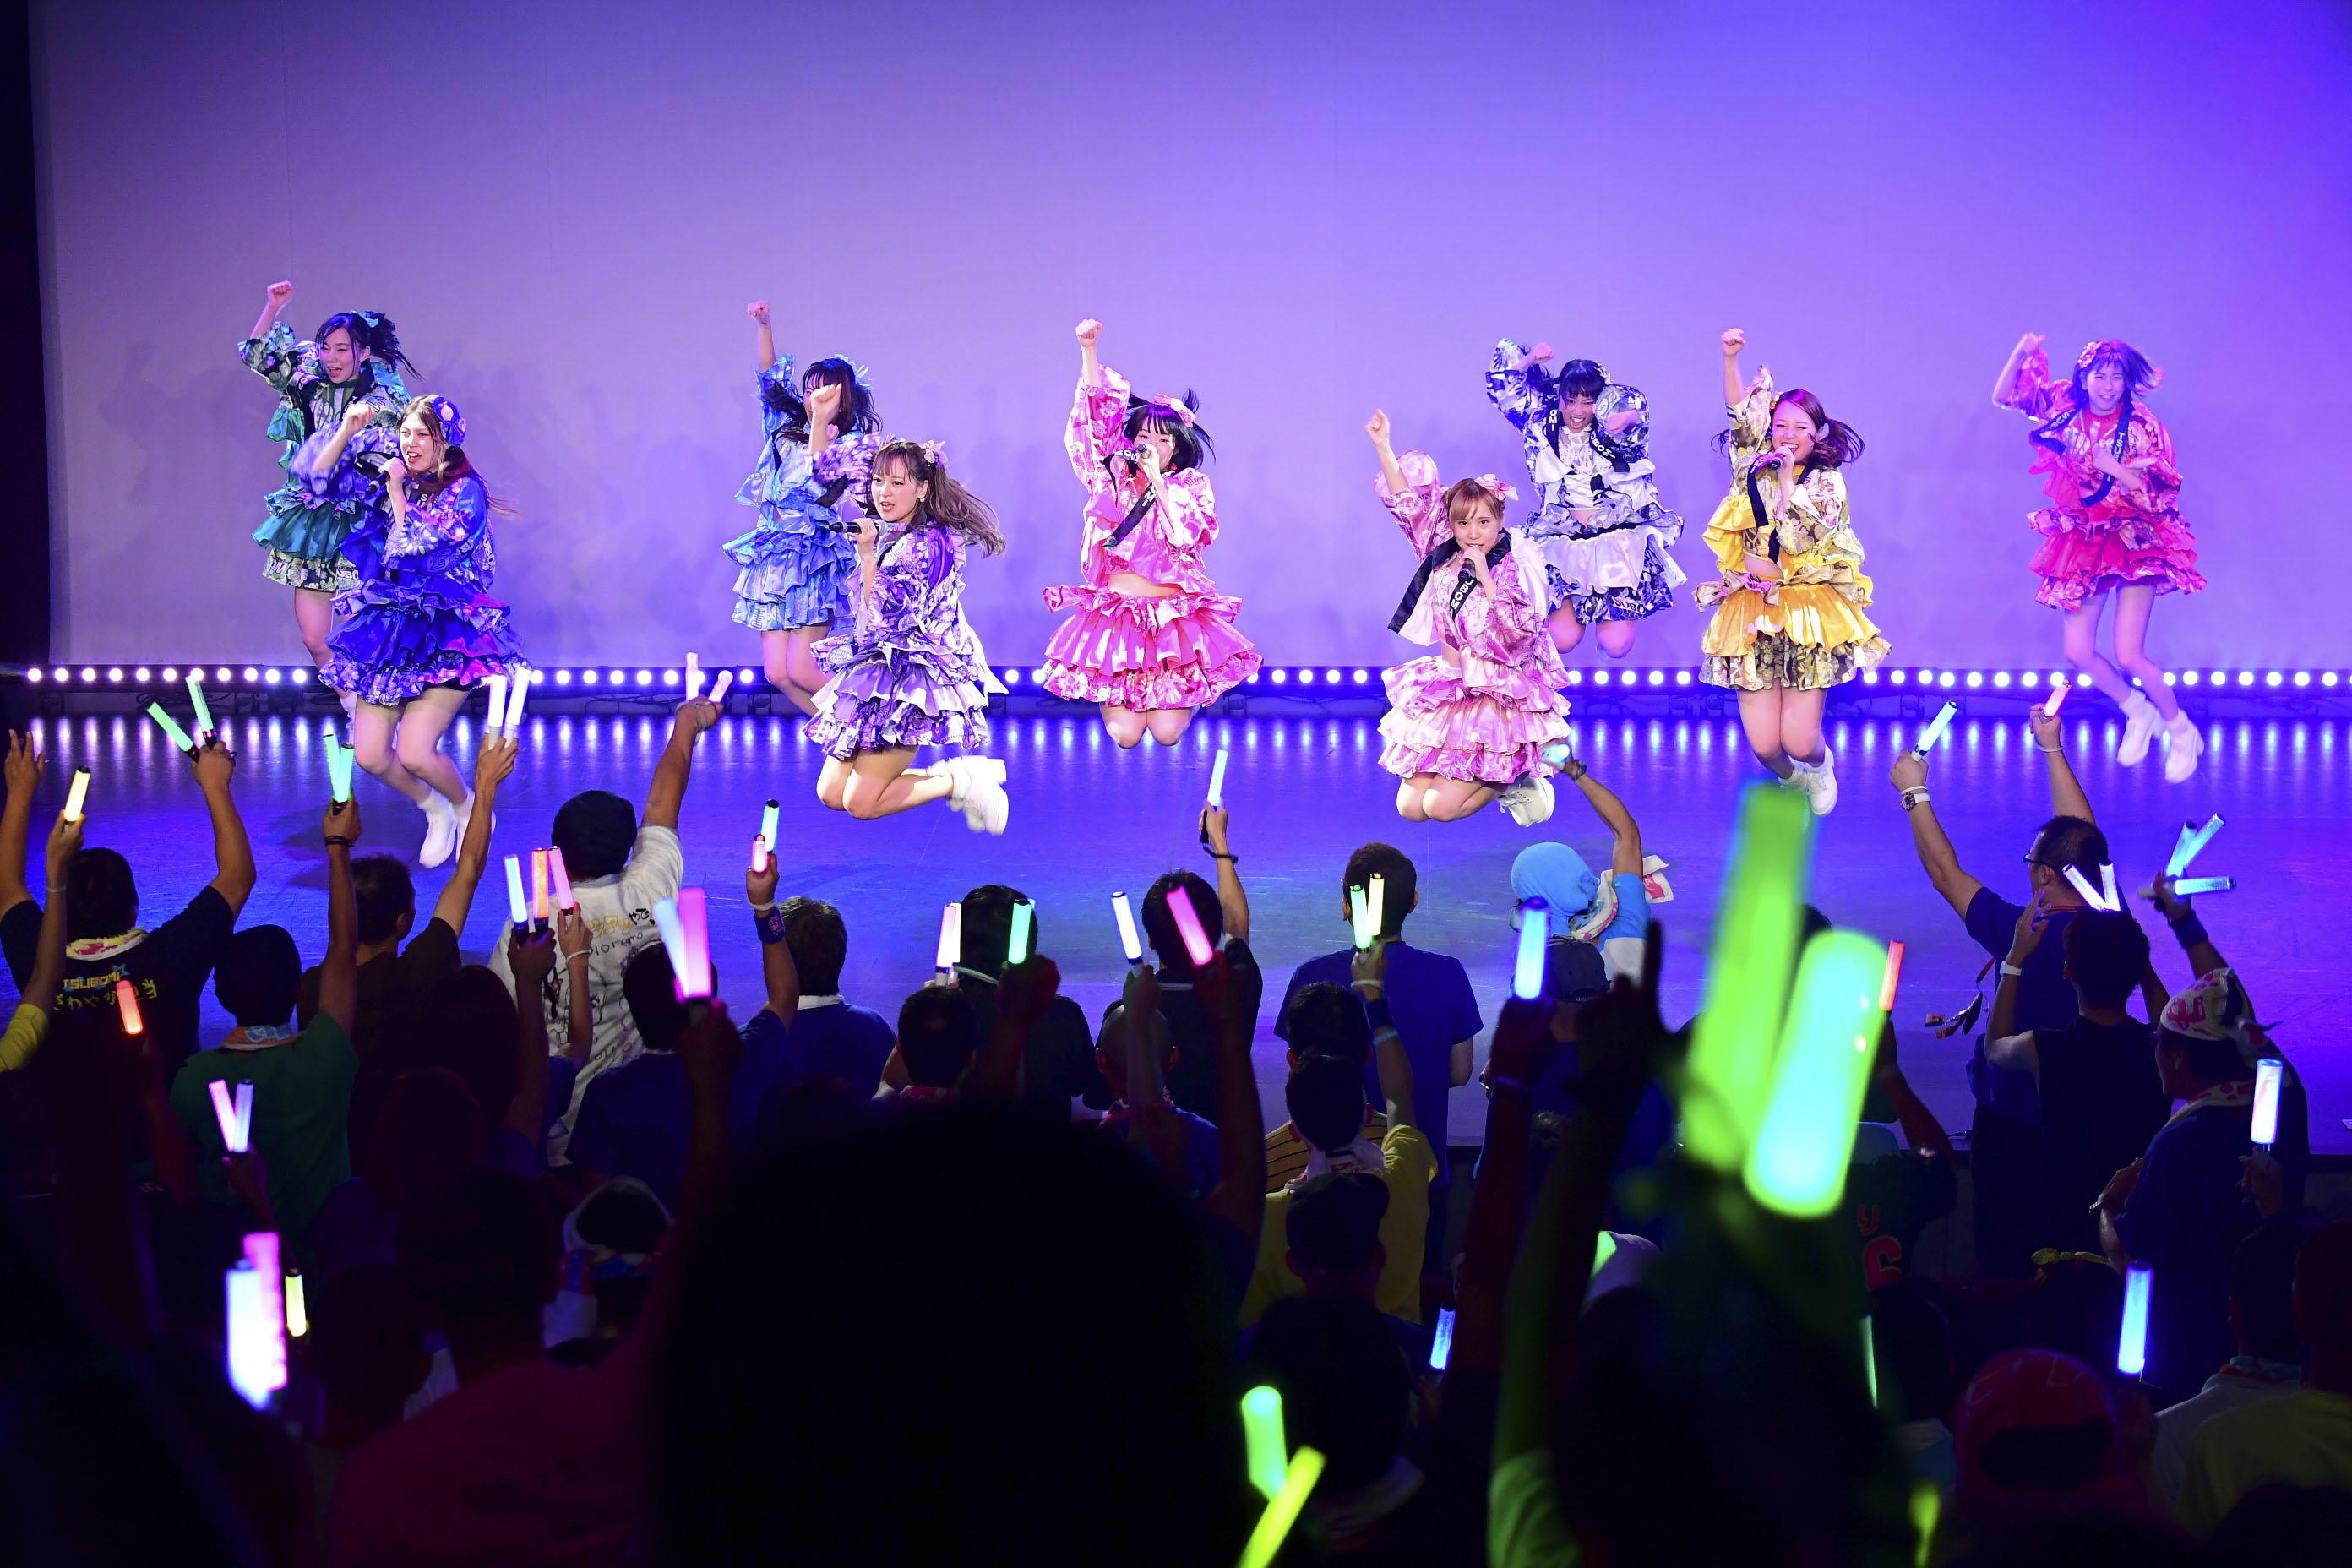 http://news.yoshimoto.co.jp/20170911121326-9ddaabf575ca94e28235a4810000383e6f7efcee.jpg